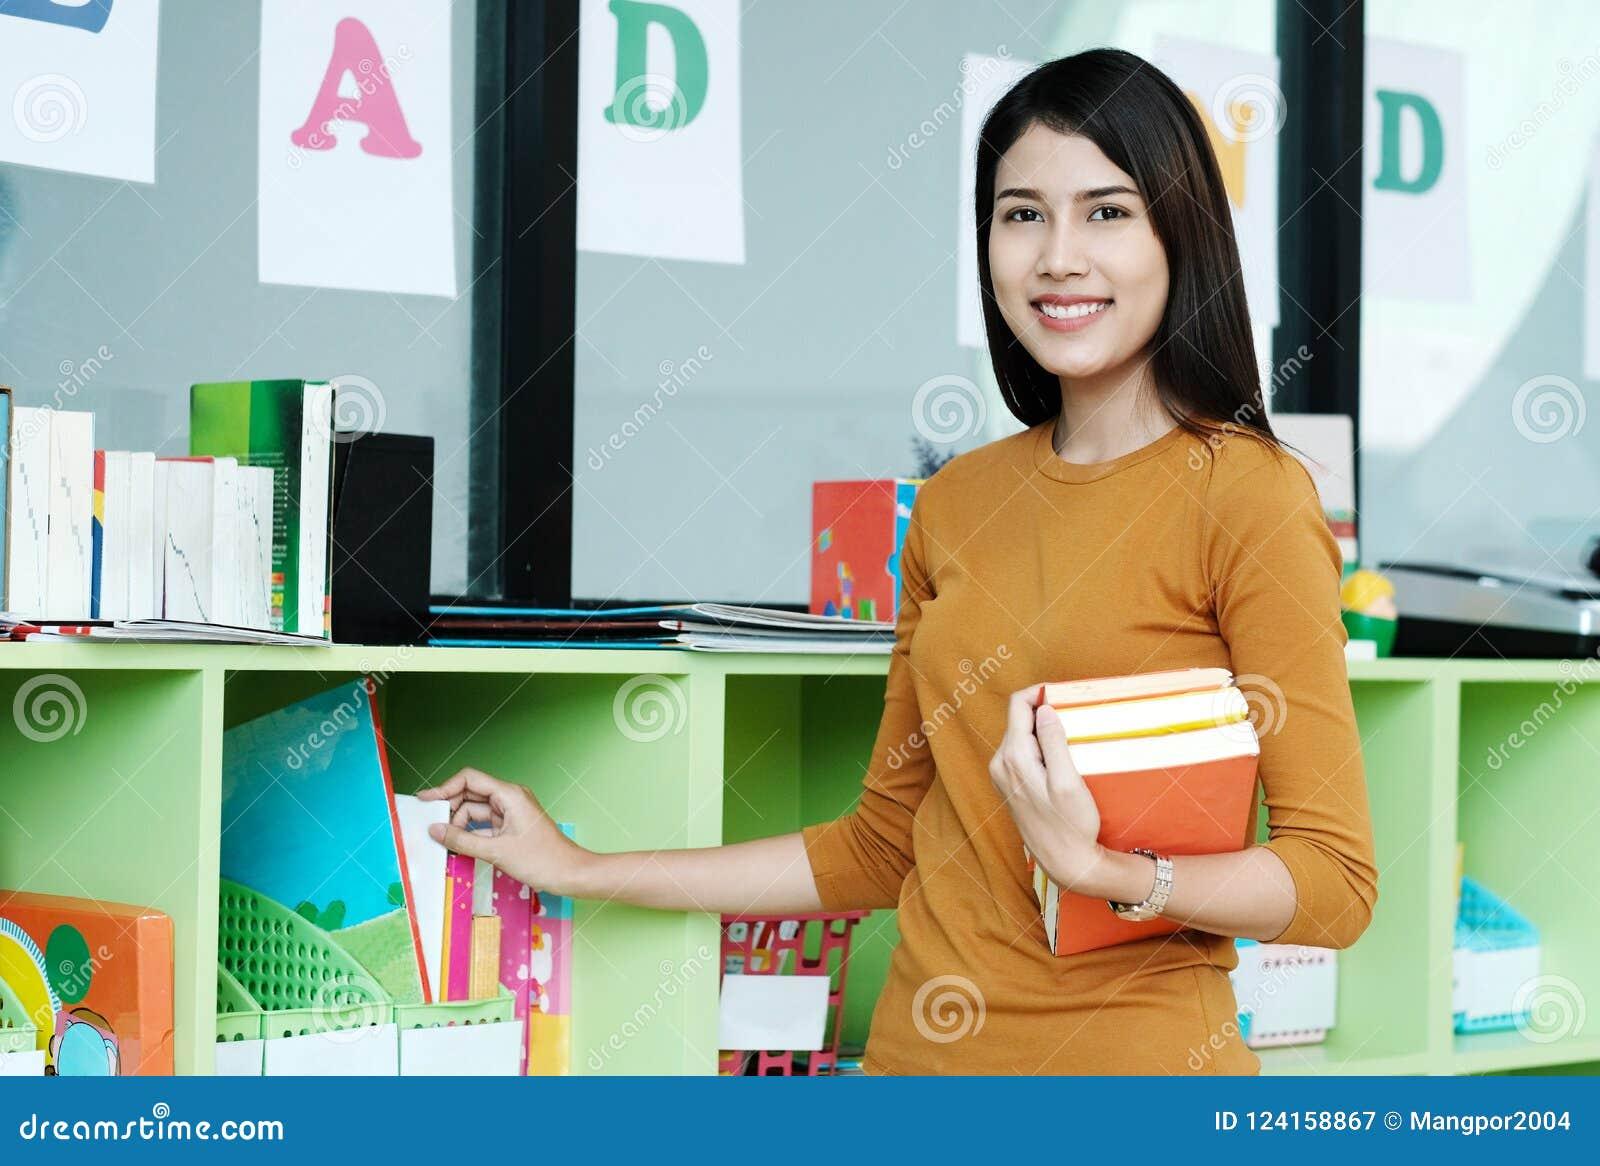 Junge asiatische Frau, welche die Bücher stehen am Bibliothekshintergrund hält,